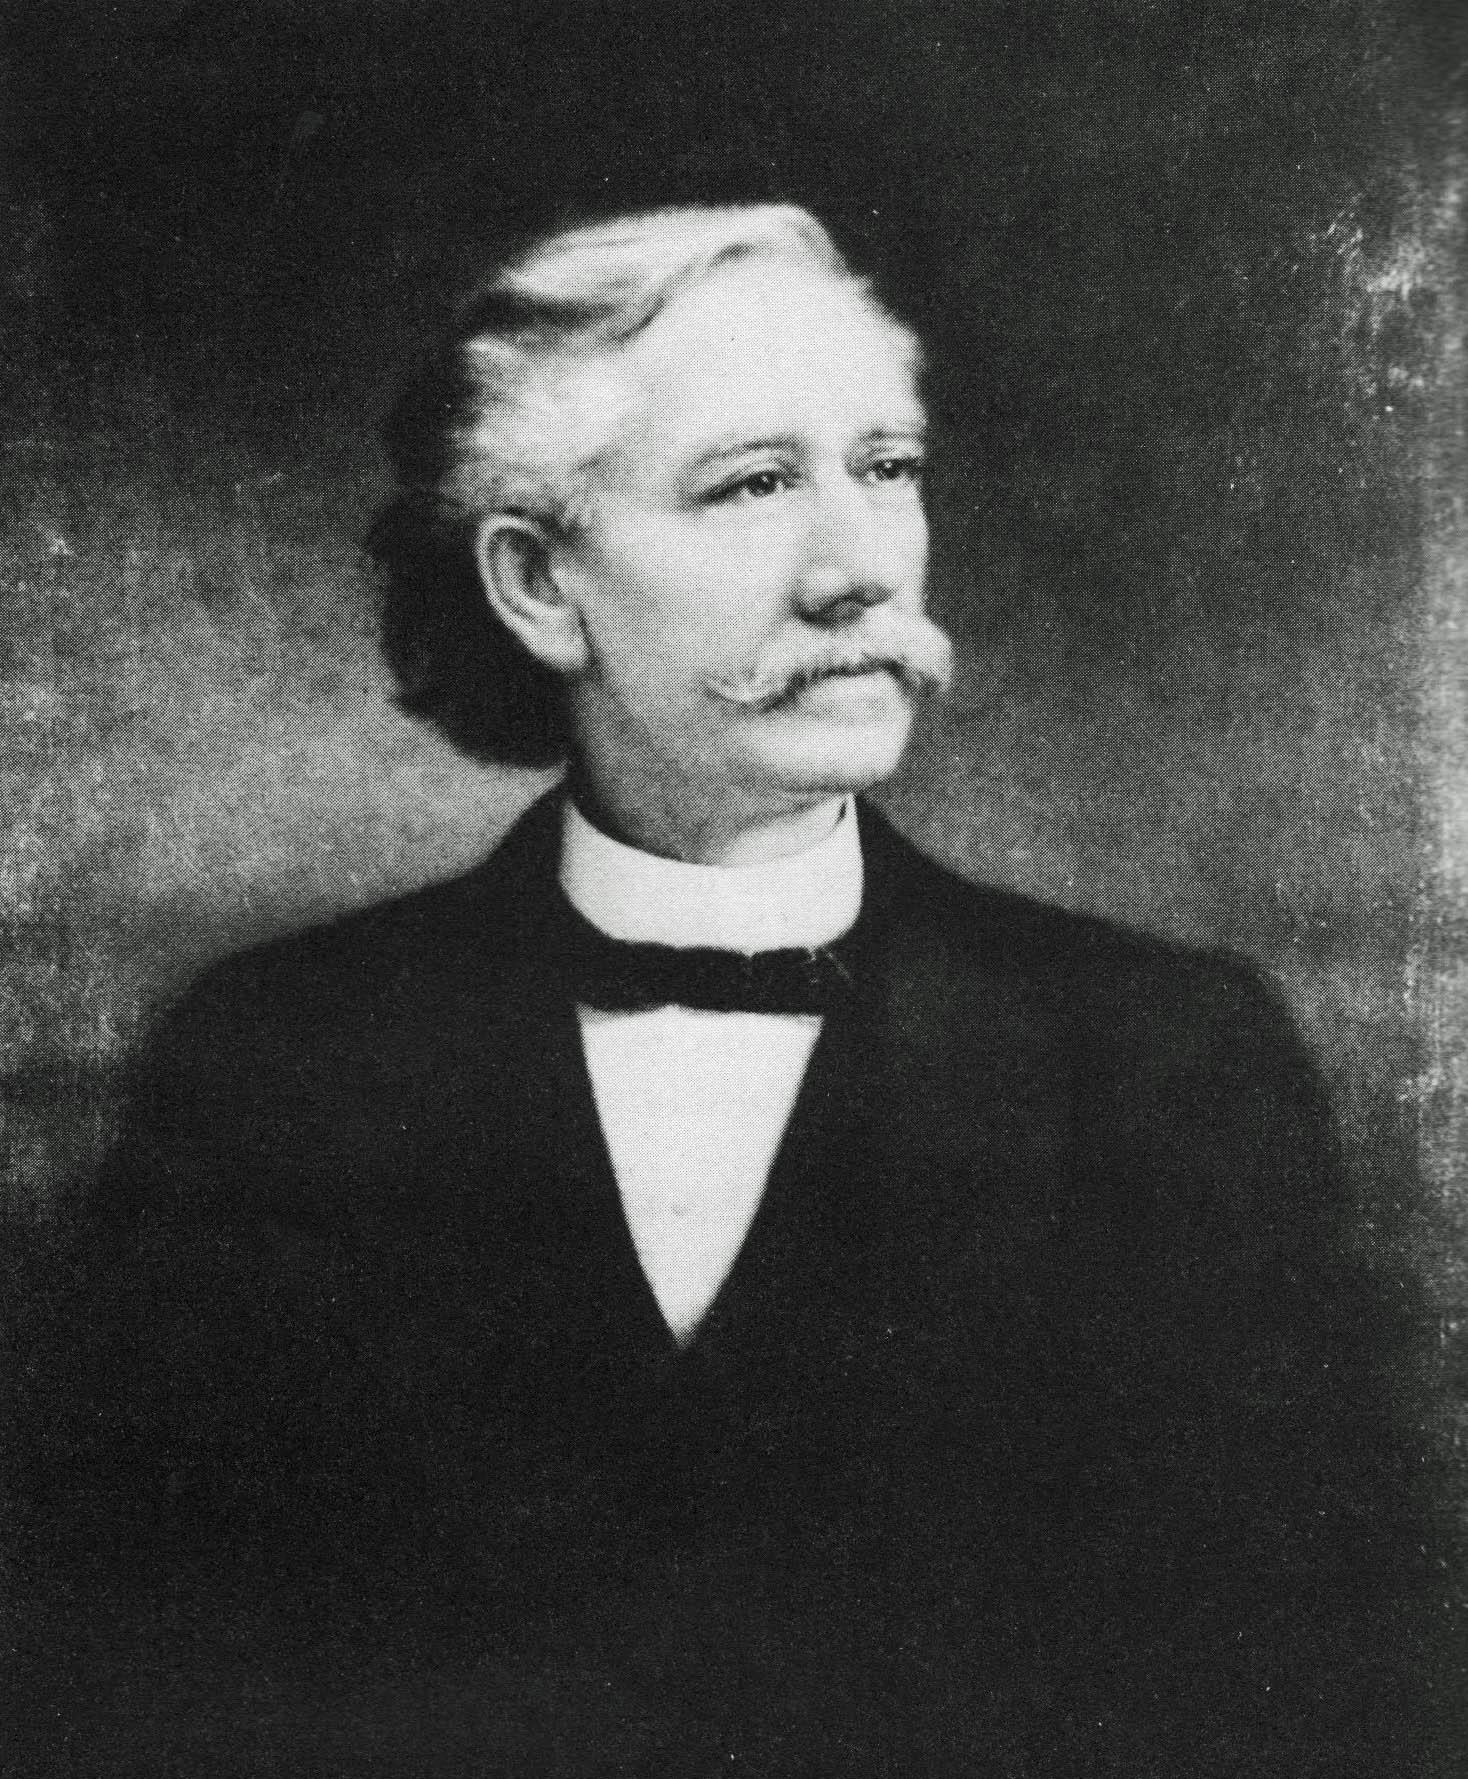 Charles Triplett O'Ferrall